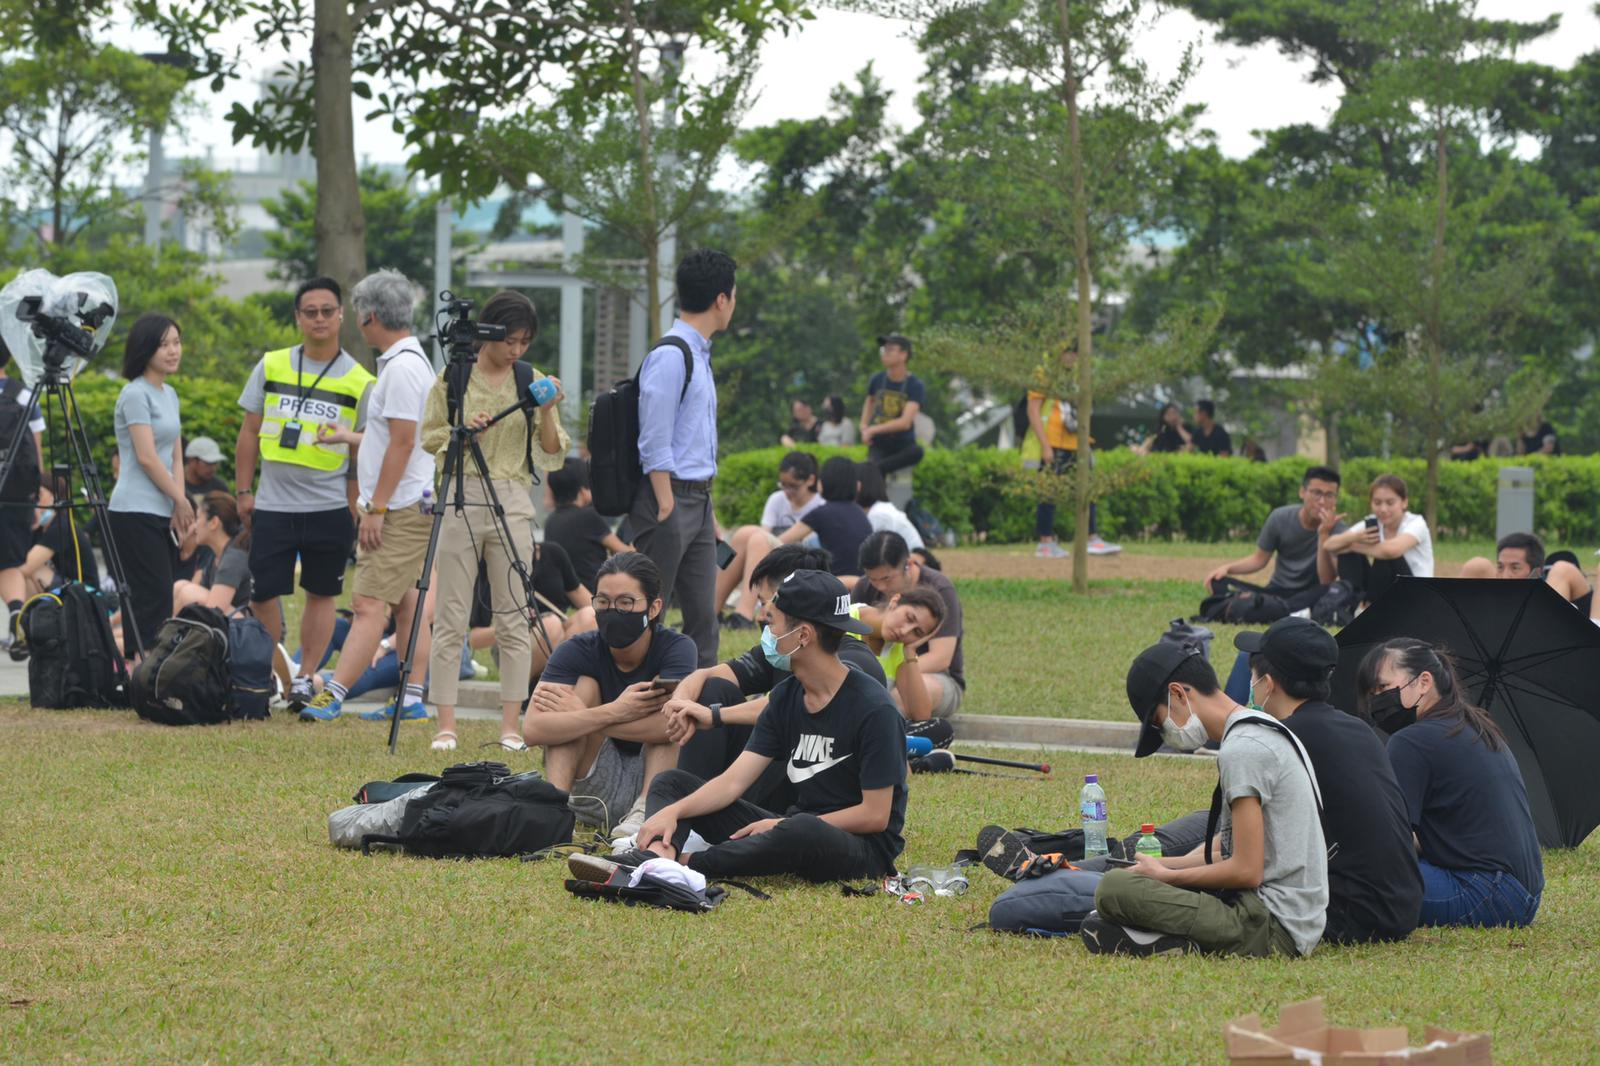 香港眾志、中學反修例關注組及青年反修例關注組,原定於今日在添馬公園舉行罷課集會。